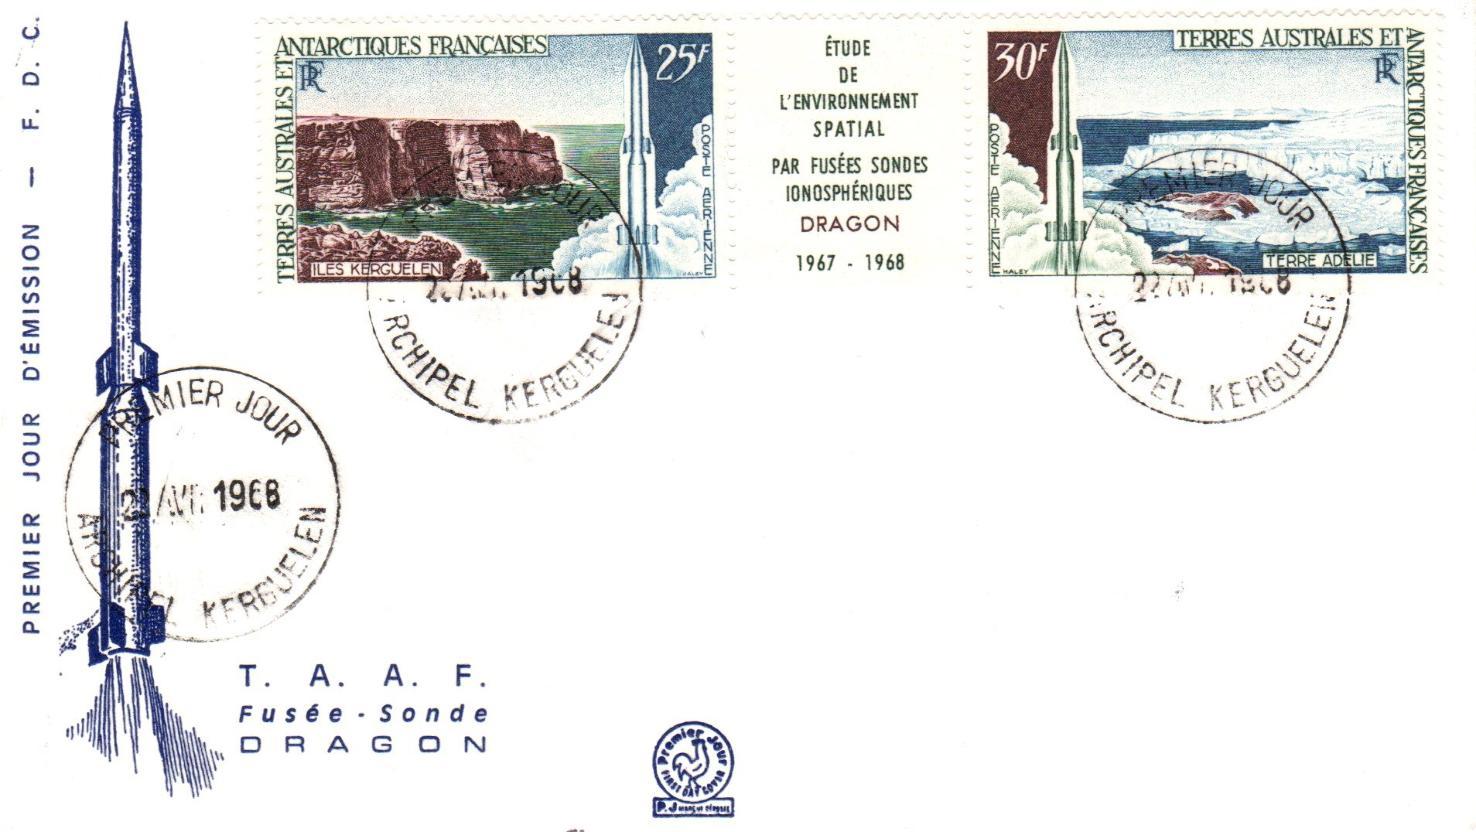 Il y a 50 ans, des Dragon rugissaient aux îles Kerguelen